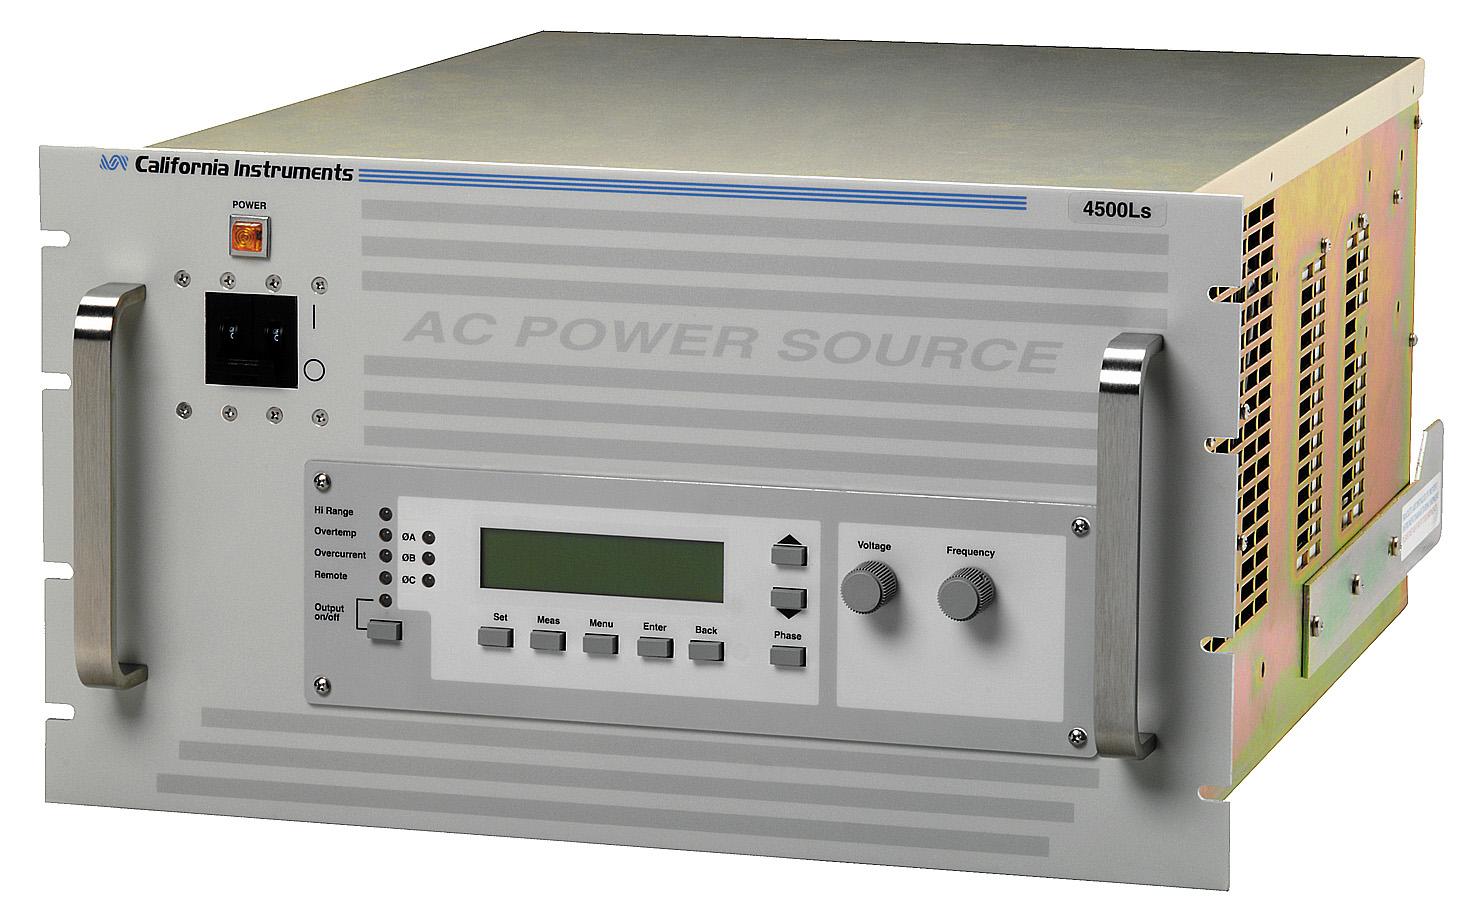 Программируемый ИП переменного тока серии Ls